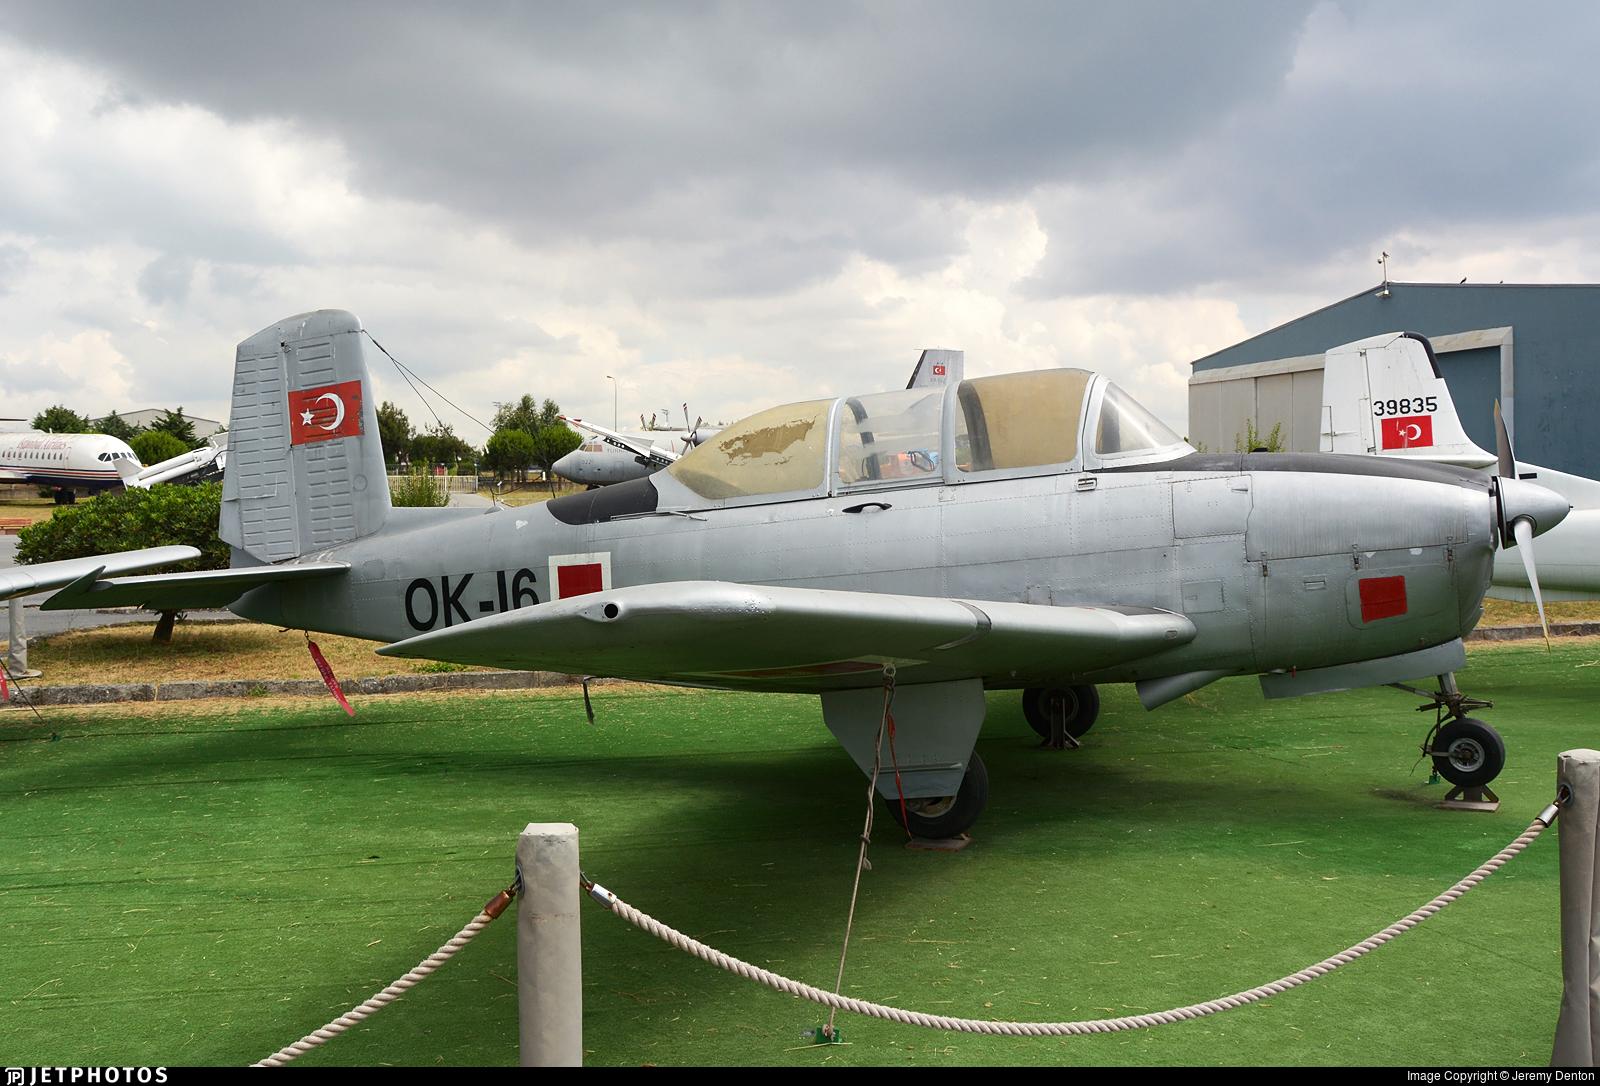 54-5216 - Beechcraft T-34A Mentor - Turkey - Air Force